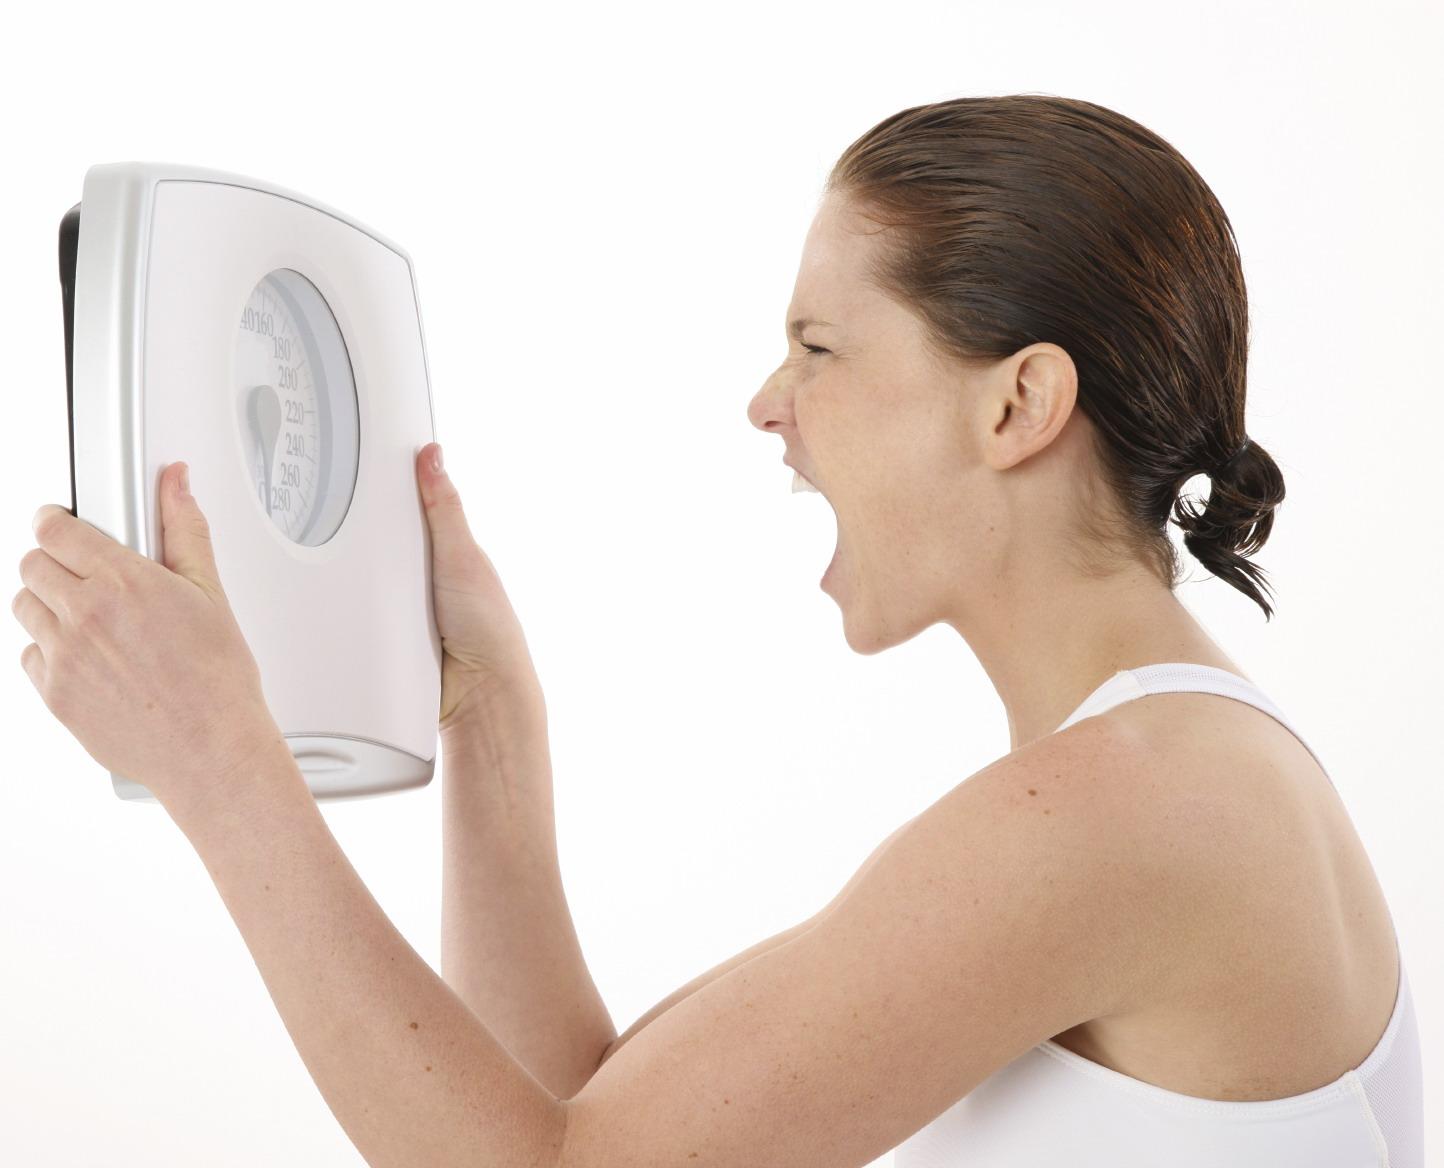 Trucchi psicologici per perdere peso